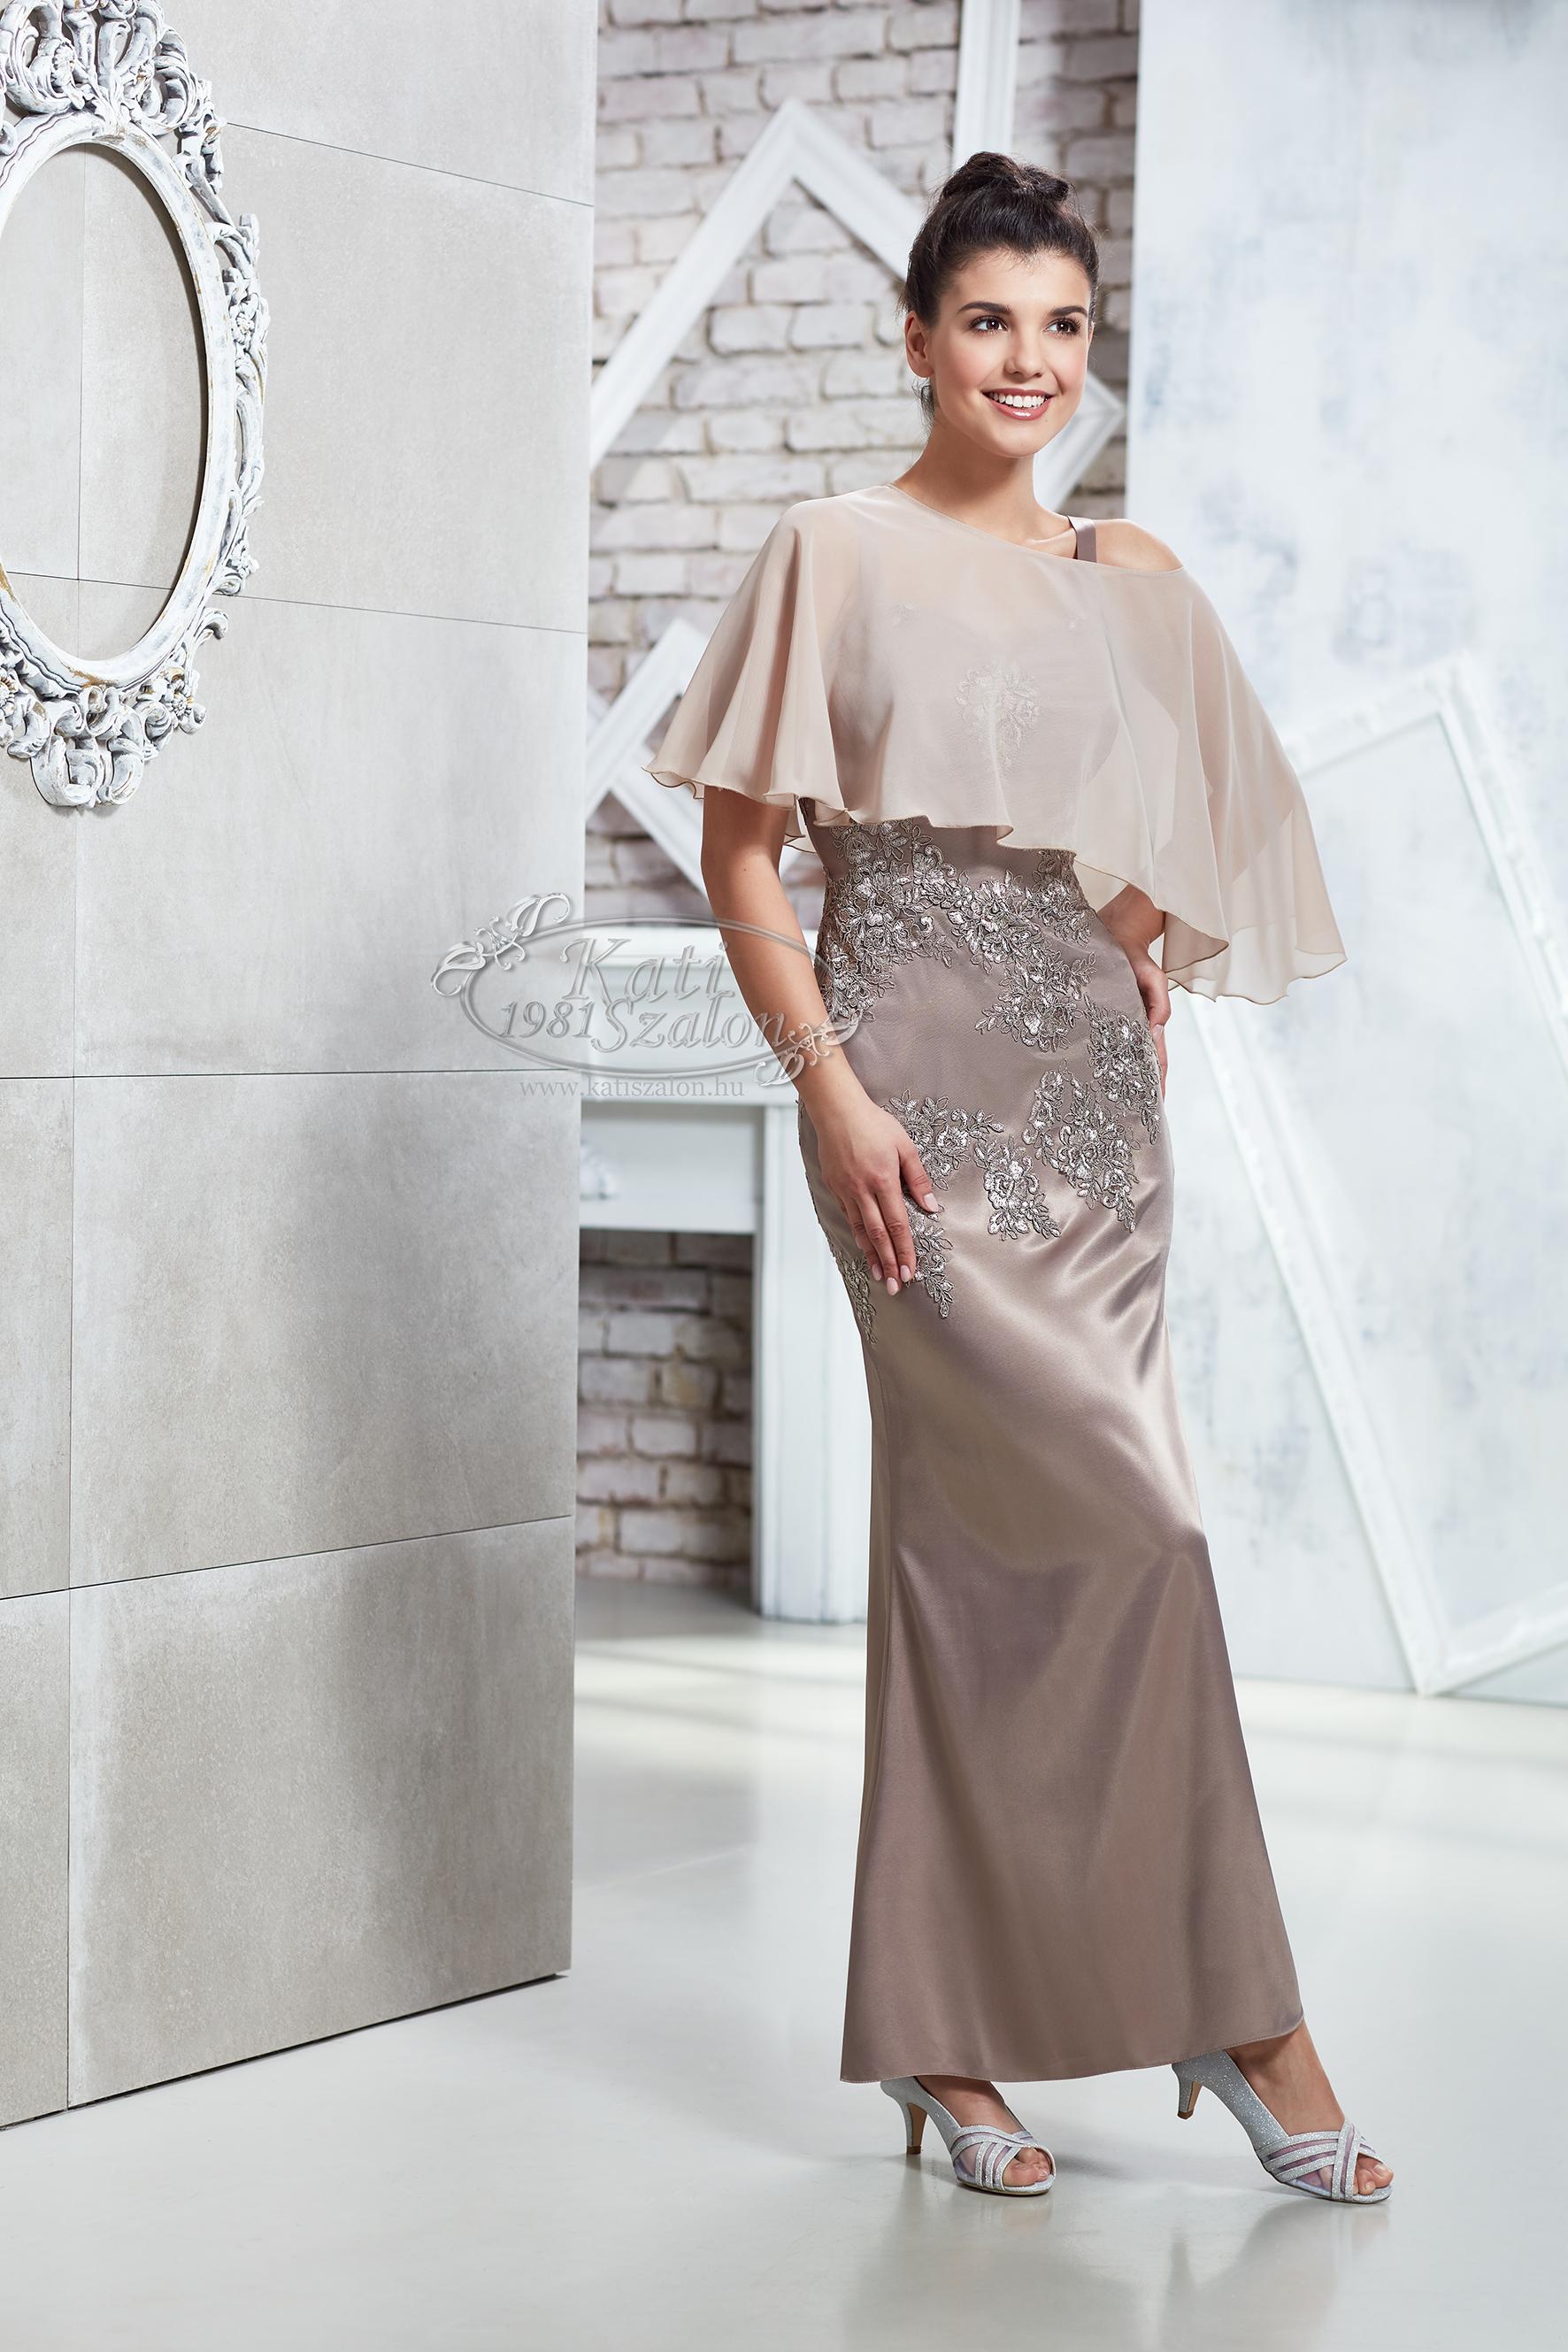 f7549c9027 Kati Szalon - különleges hosszú elegáns alkalmi ruha, esküvőre és más  alkalmakra - 2019